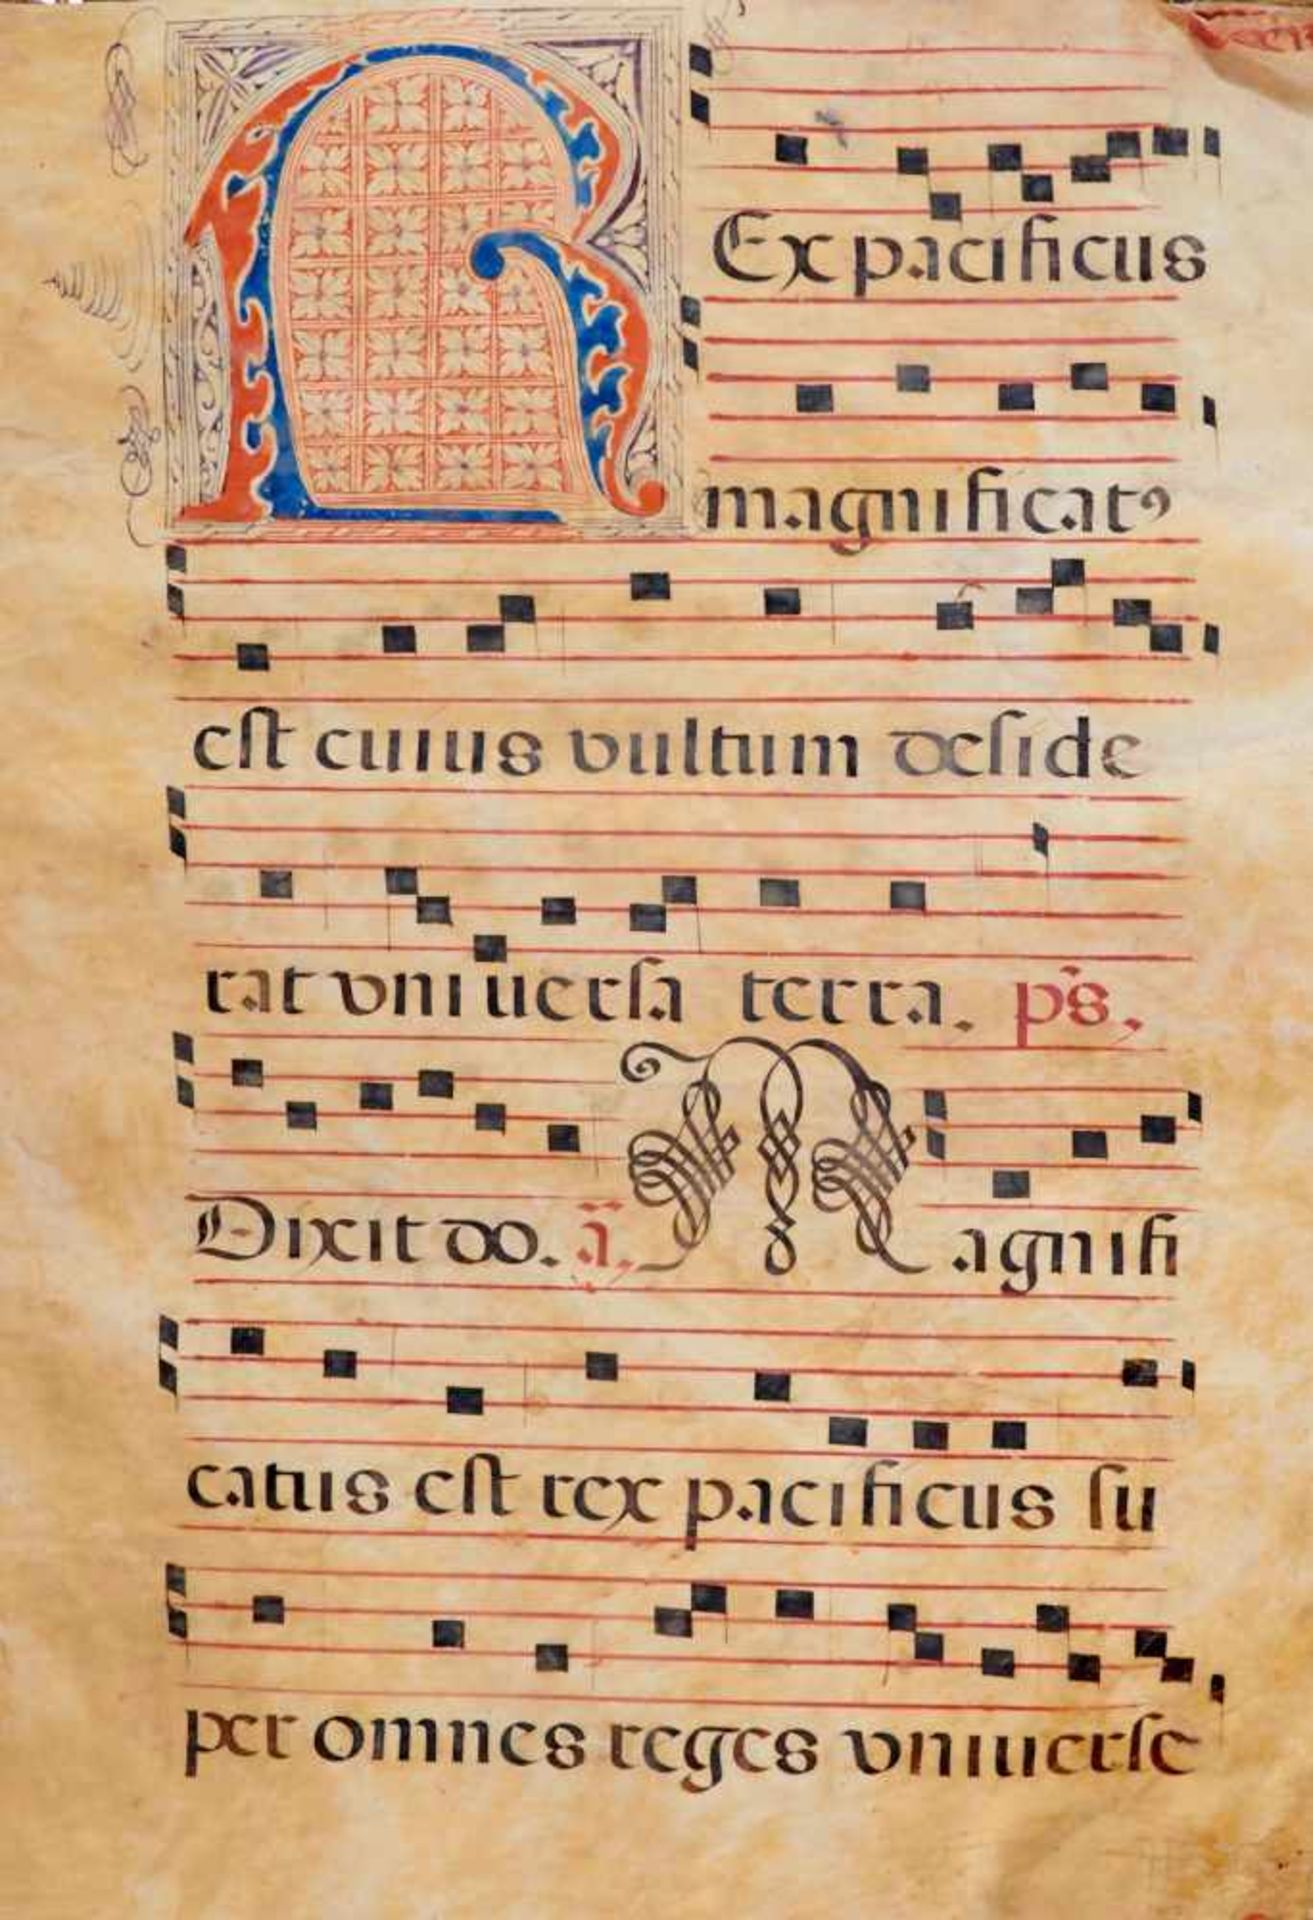 Antiphonar - Lateinische Handschrift auf Pergament. Nicht dat.Wohl Spanien, um 1600. Ca. 50 x 35 cm. - Bild 2 aus 7